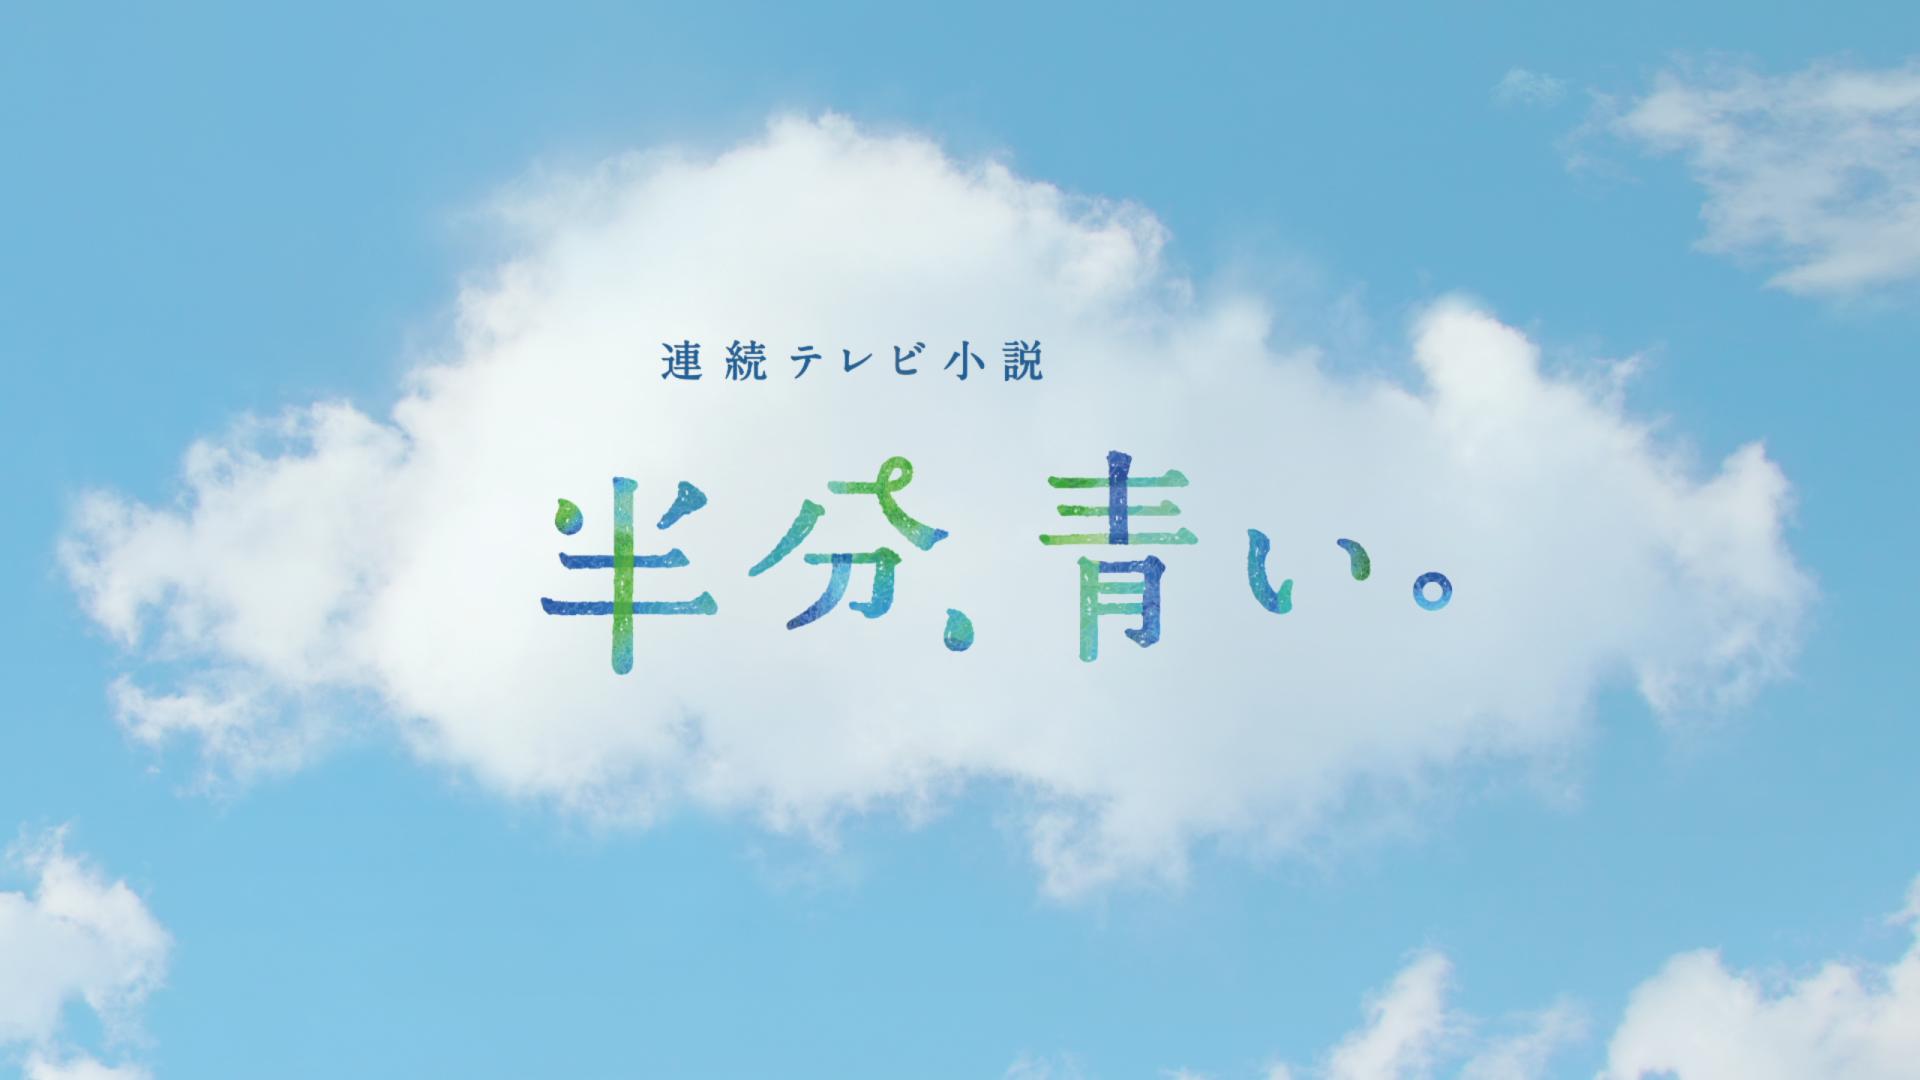 NHK / 朝ドラ「半分、青い。」タイトルバック